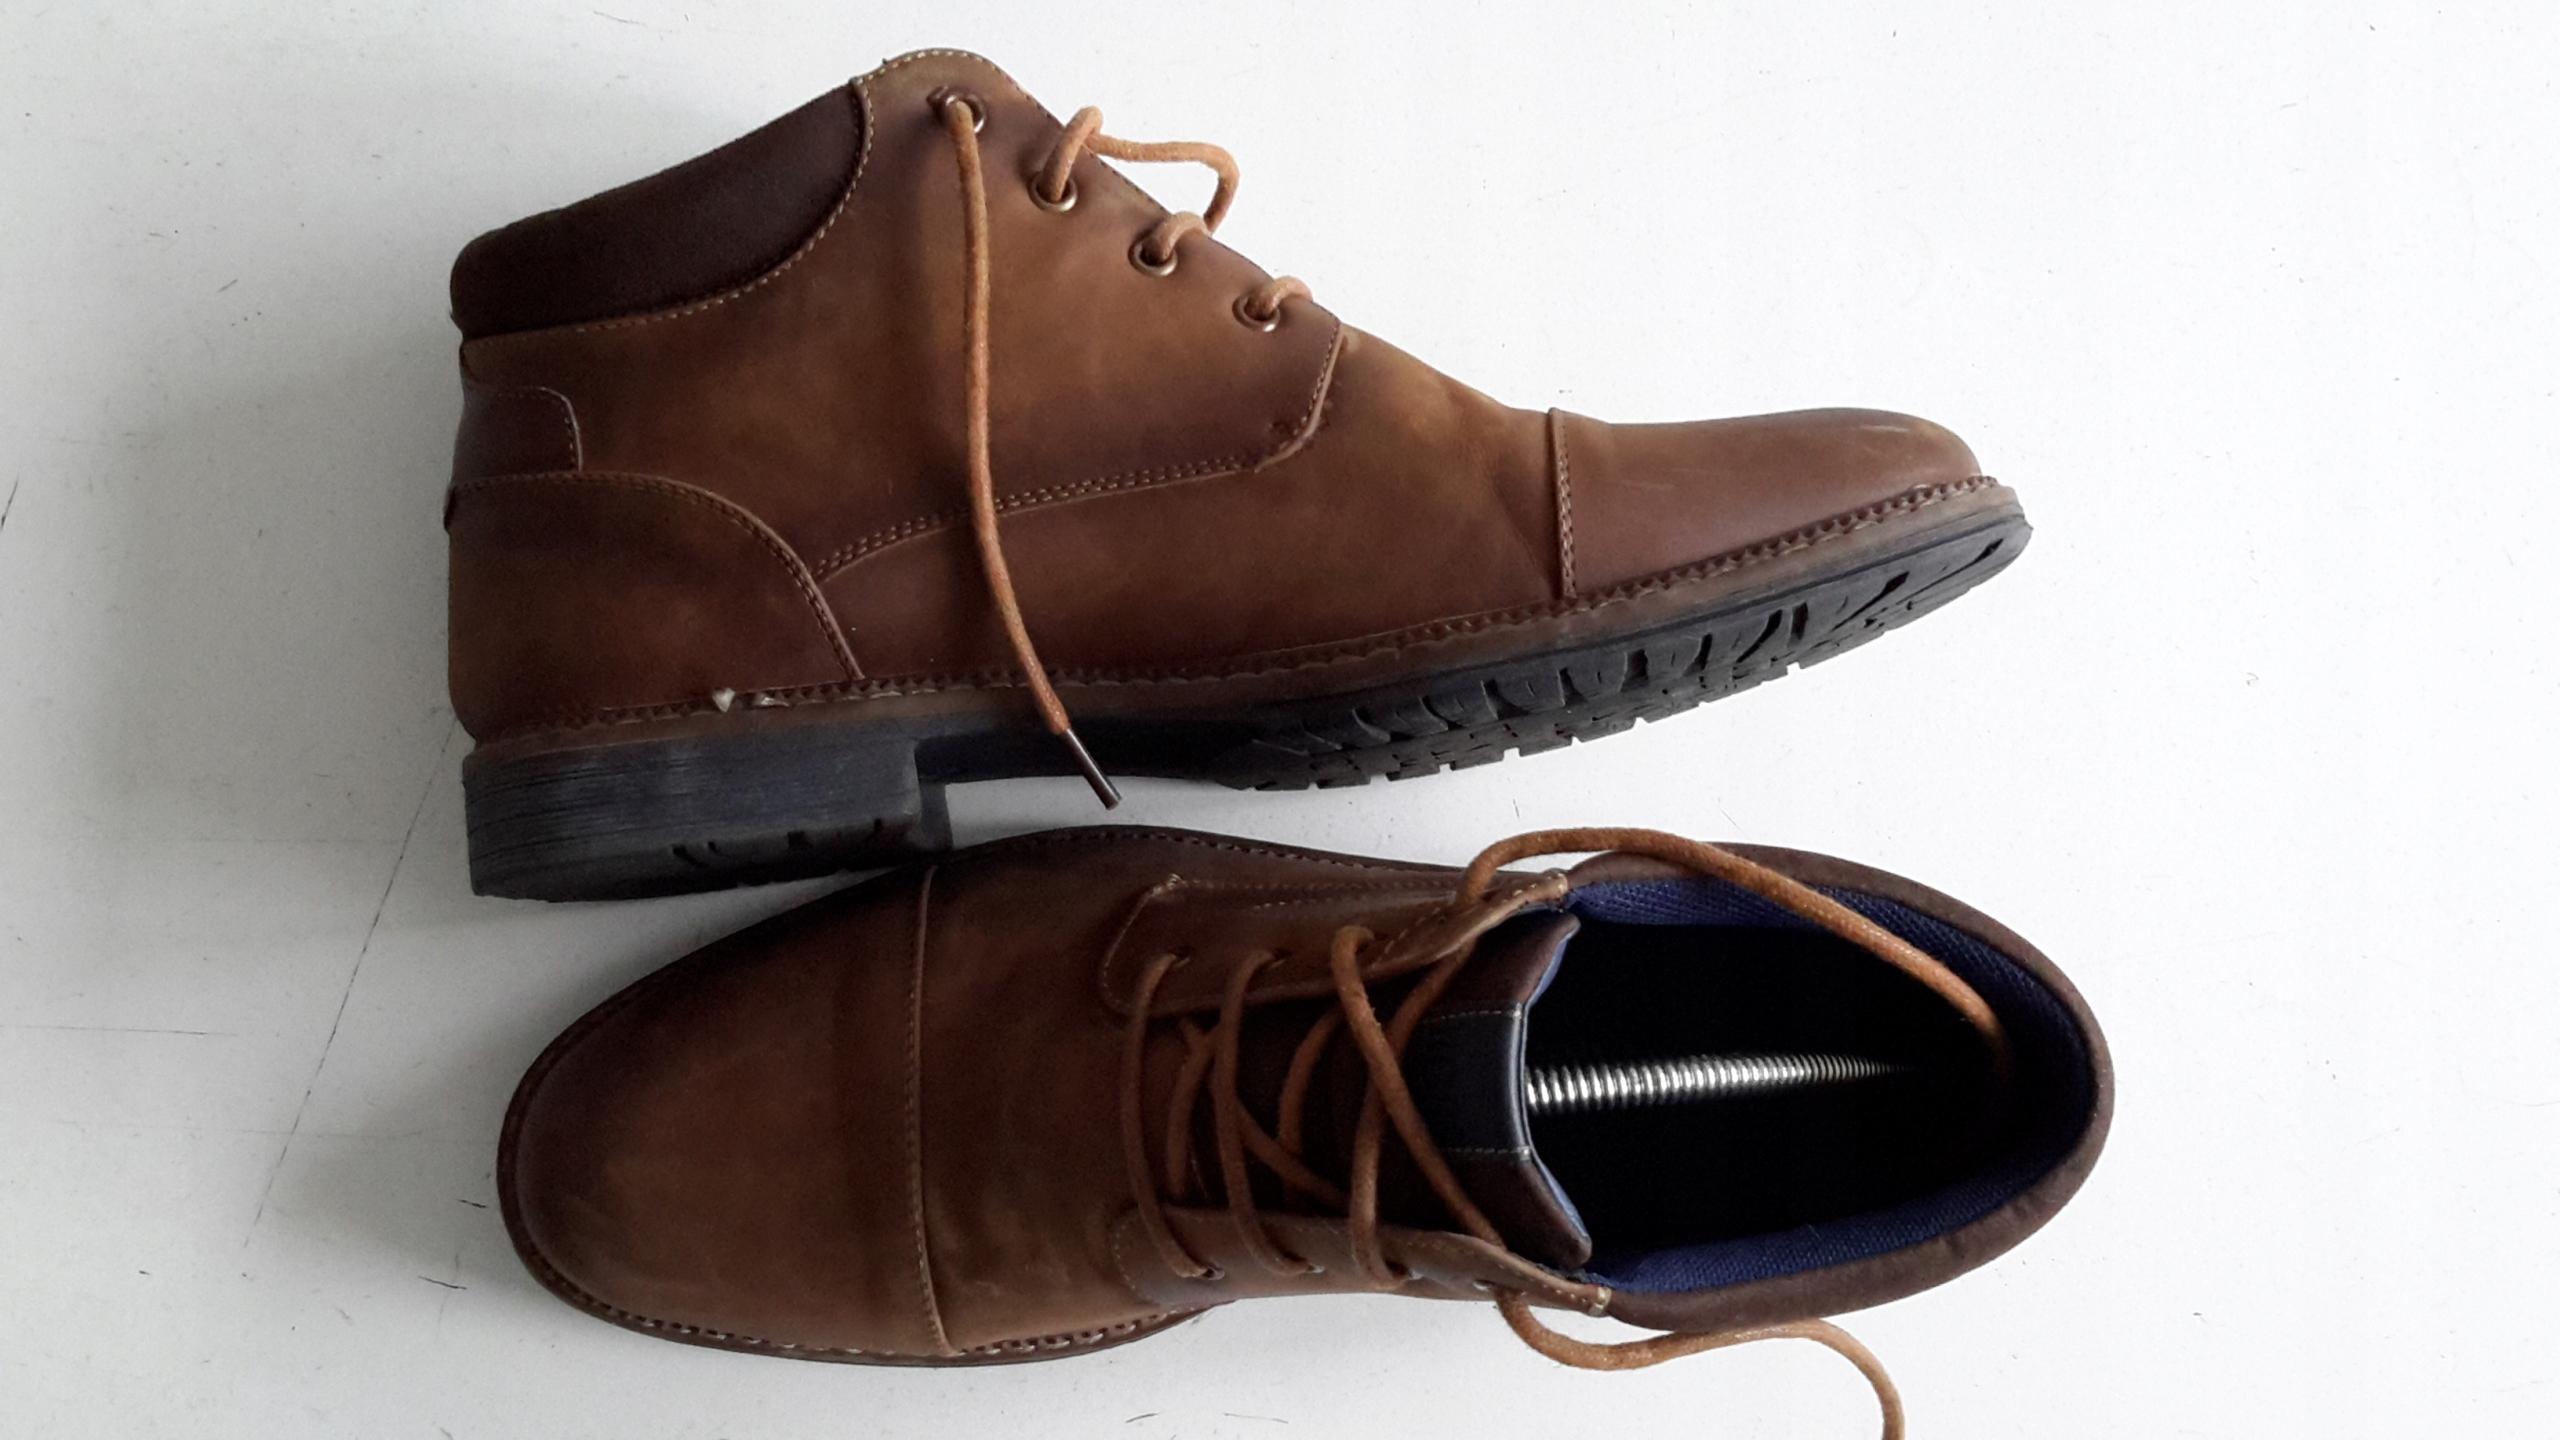 a35b59e4c4e44 HUGO BOSS buty skórzane męskie,do kostki,44/28 cm - 7695254065 ...